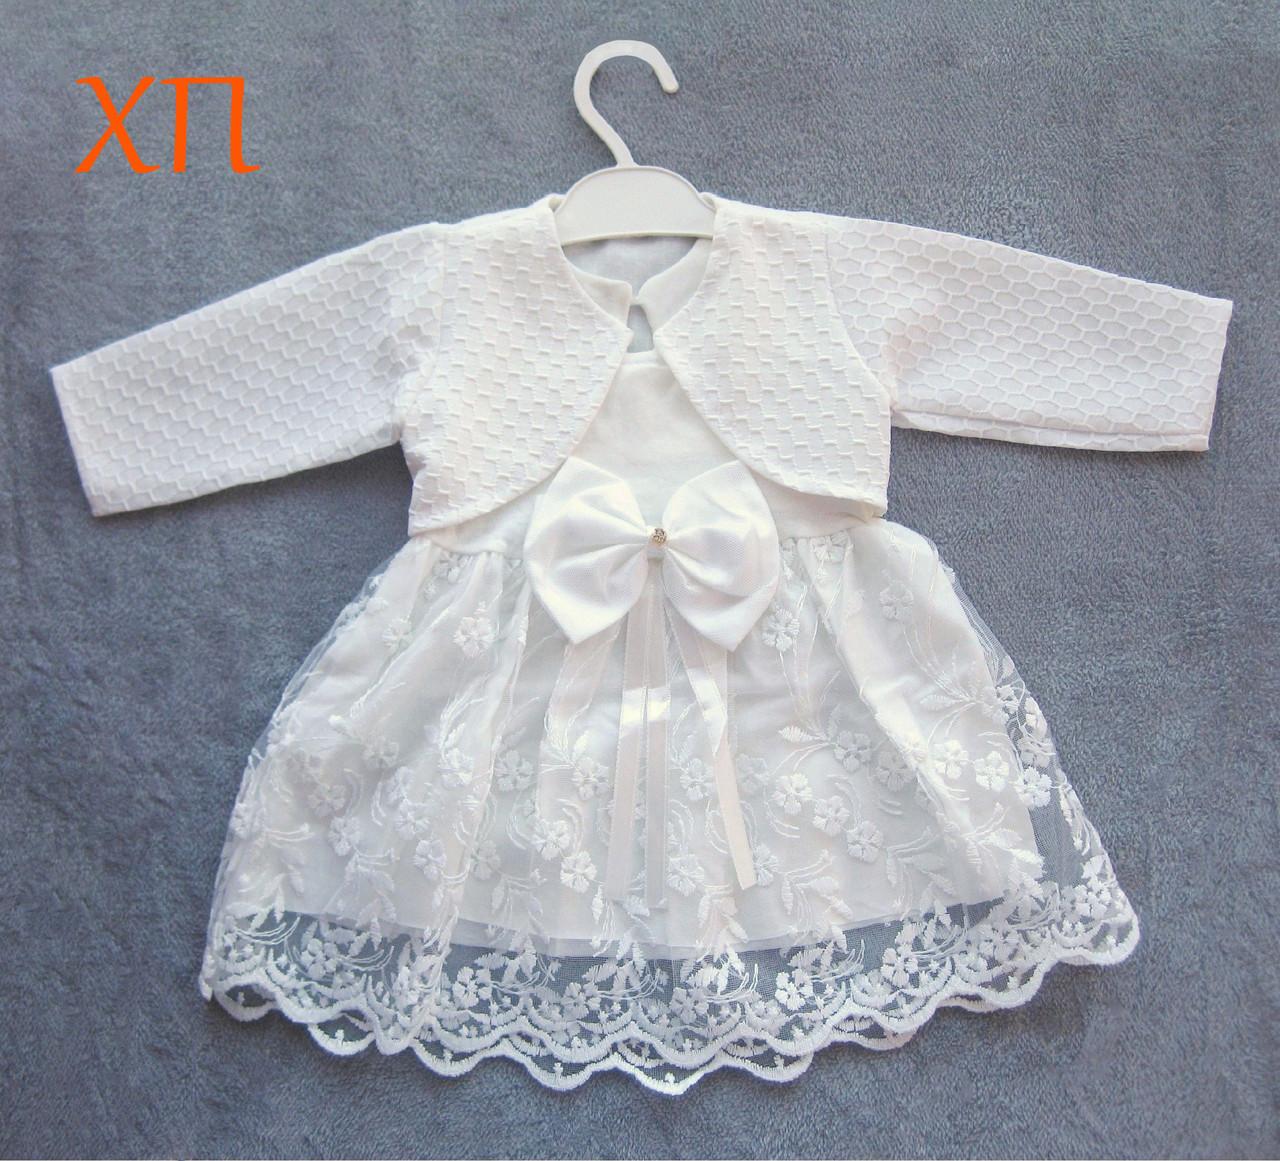 Очень нарядное кружевное платье с болеро для новорожденной девочки на 1 год